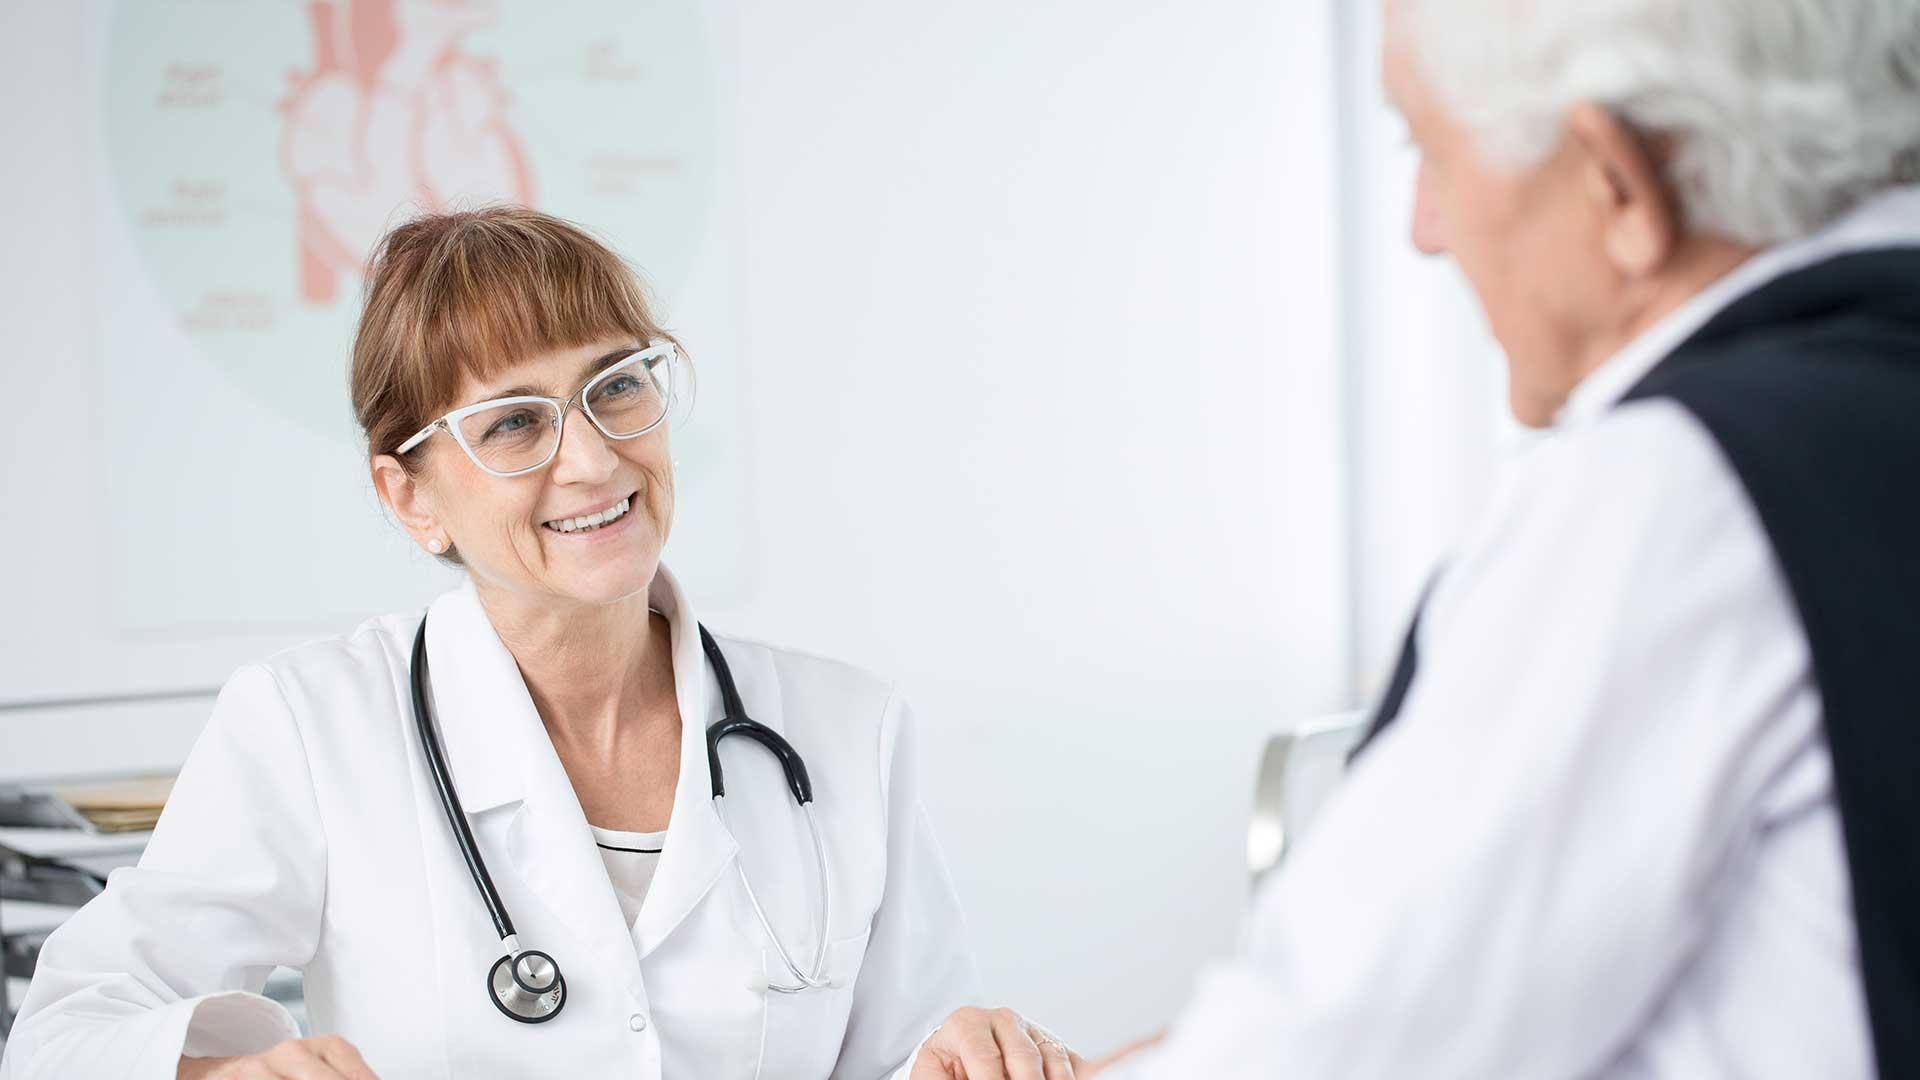 Ce tratează medicul urolog